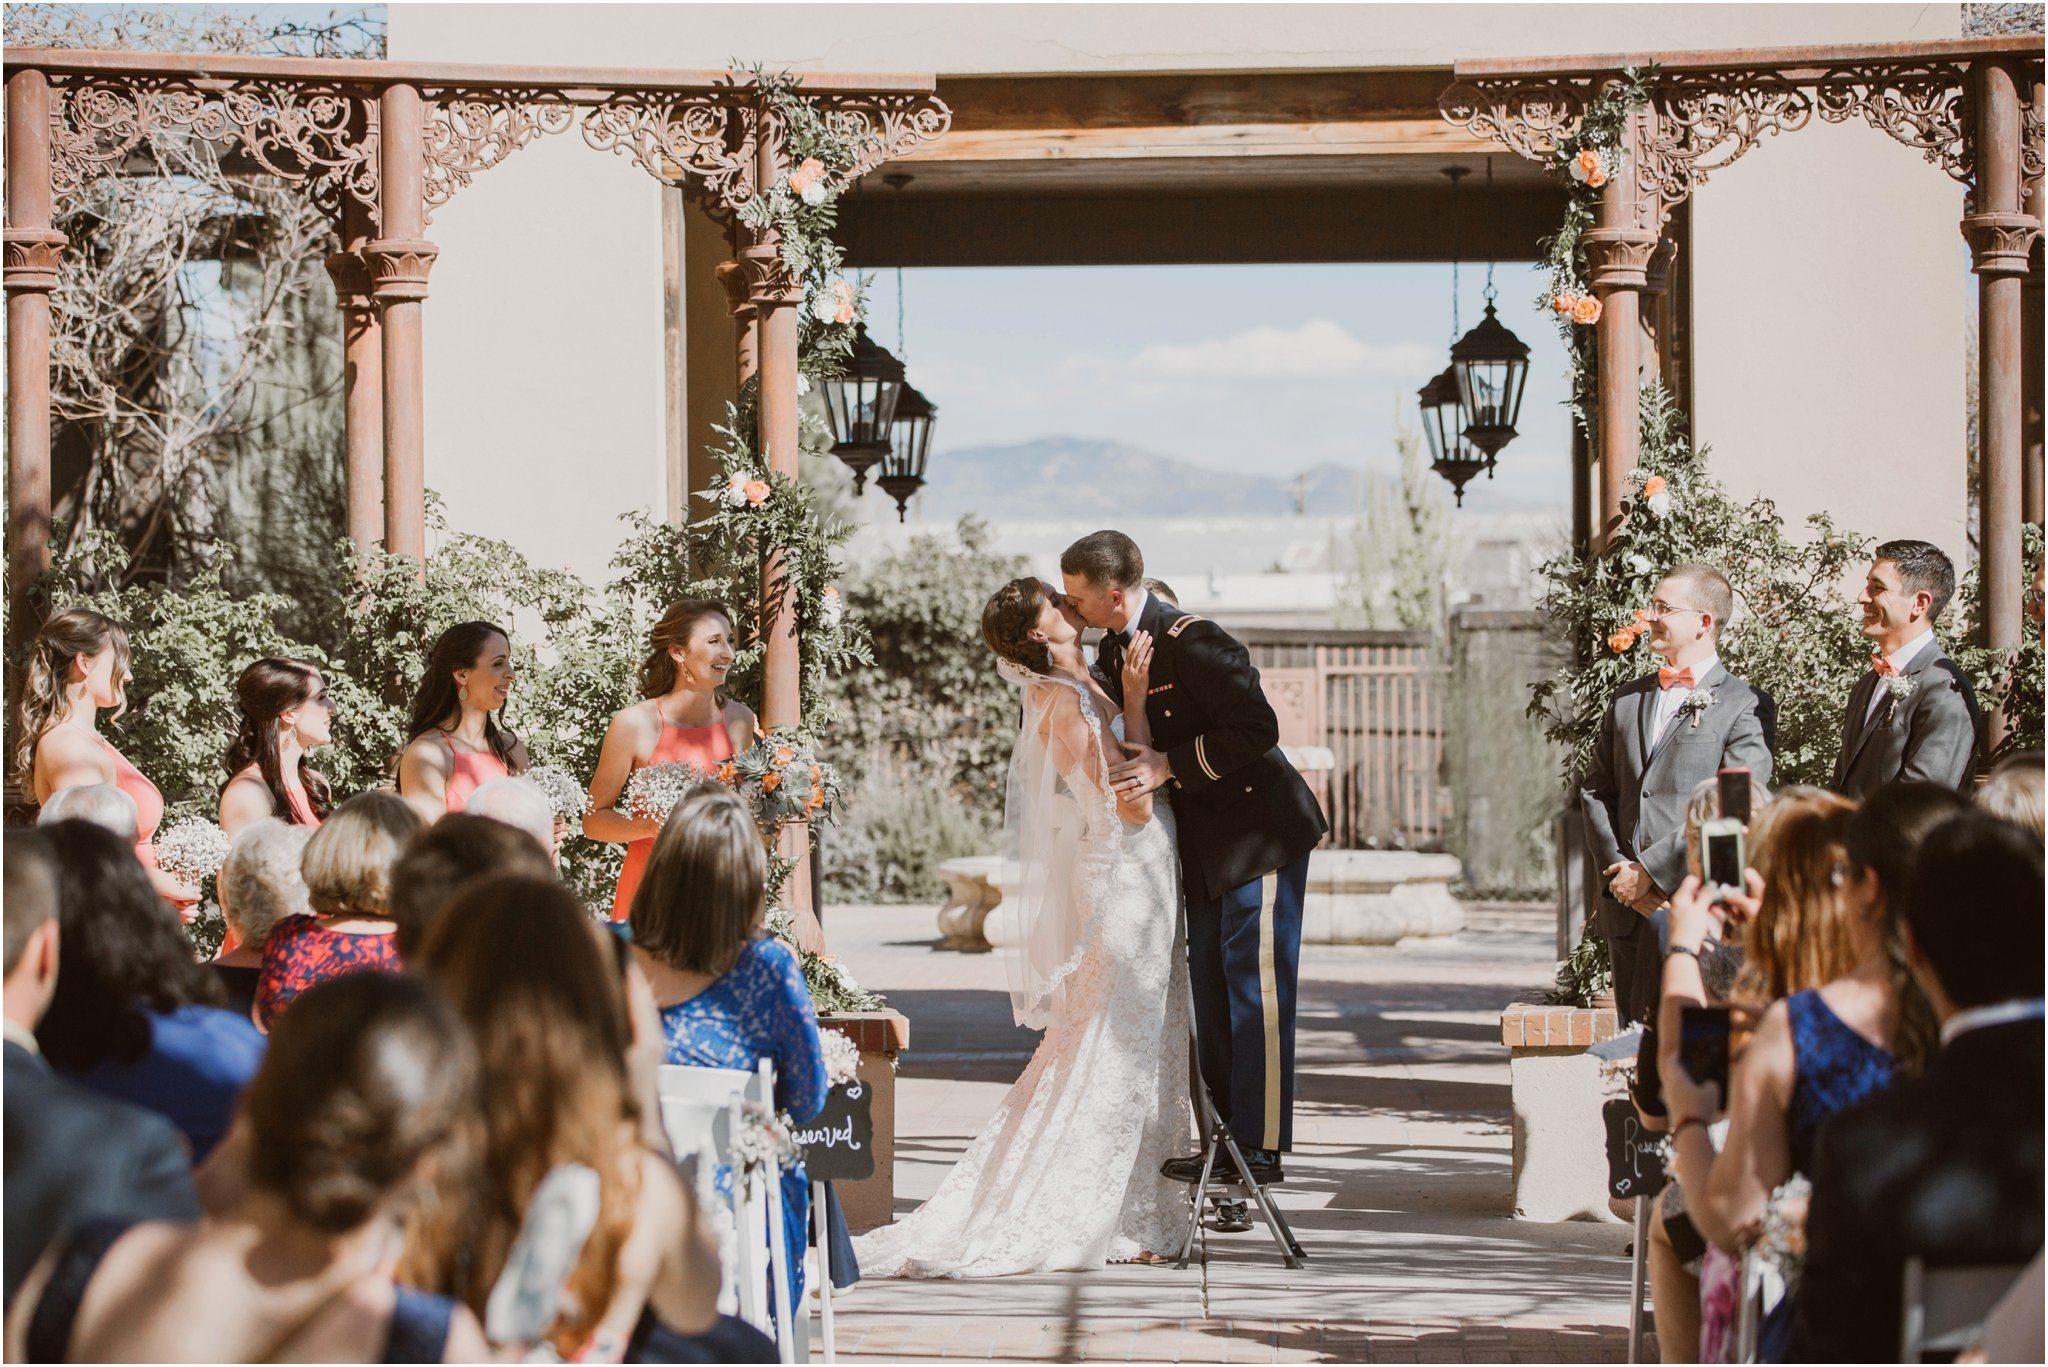 29Blue Rose Photography_ Albuquerque Wedding Photographer_ Santa Fe Wedding Photographers